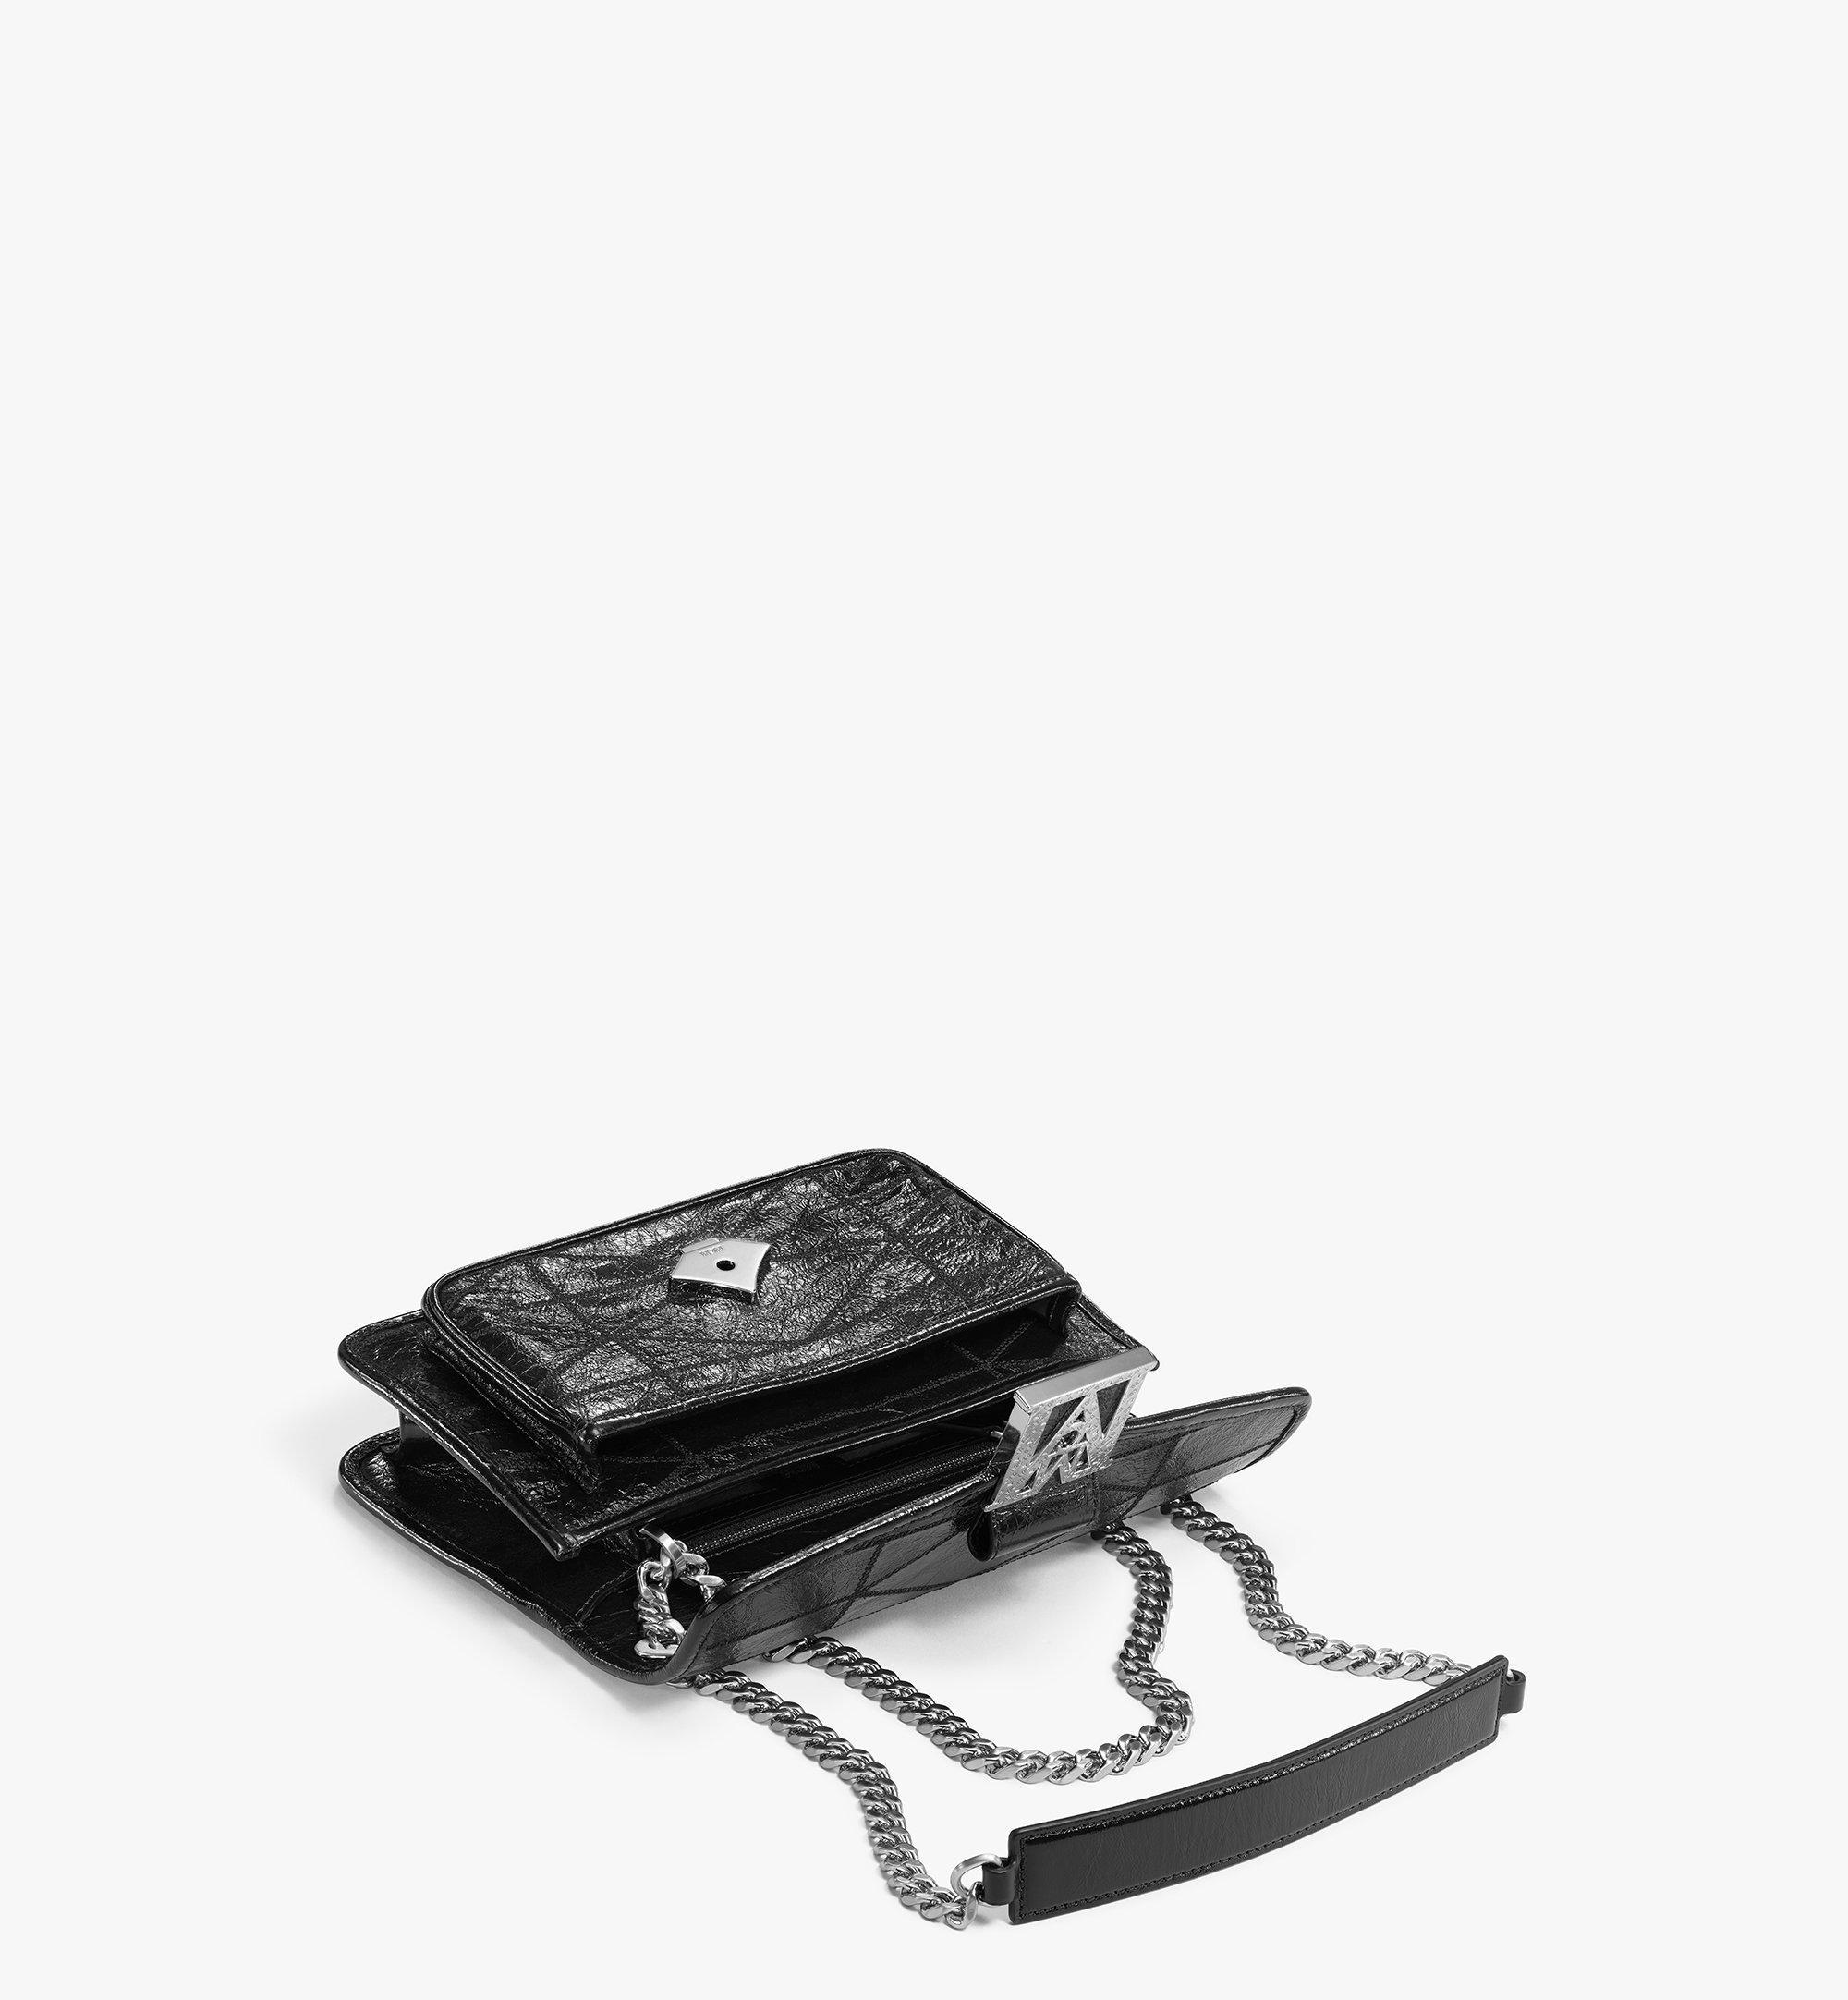 MCM Mena Gesteppte Schultertasche in Leder mit Cracked-Effekt Black MWSBSLM06BK001 Noch mehr sehen 2